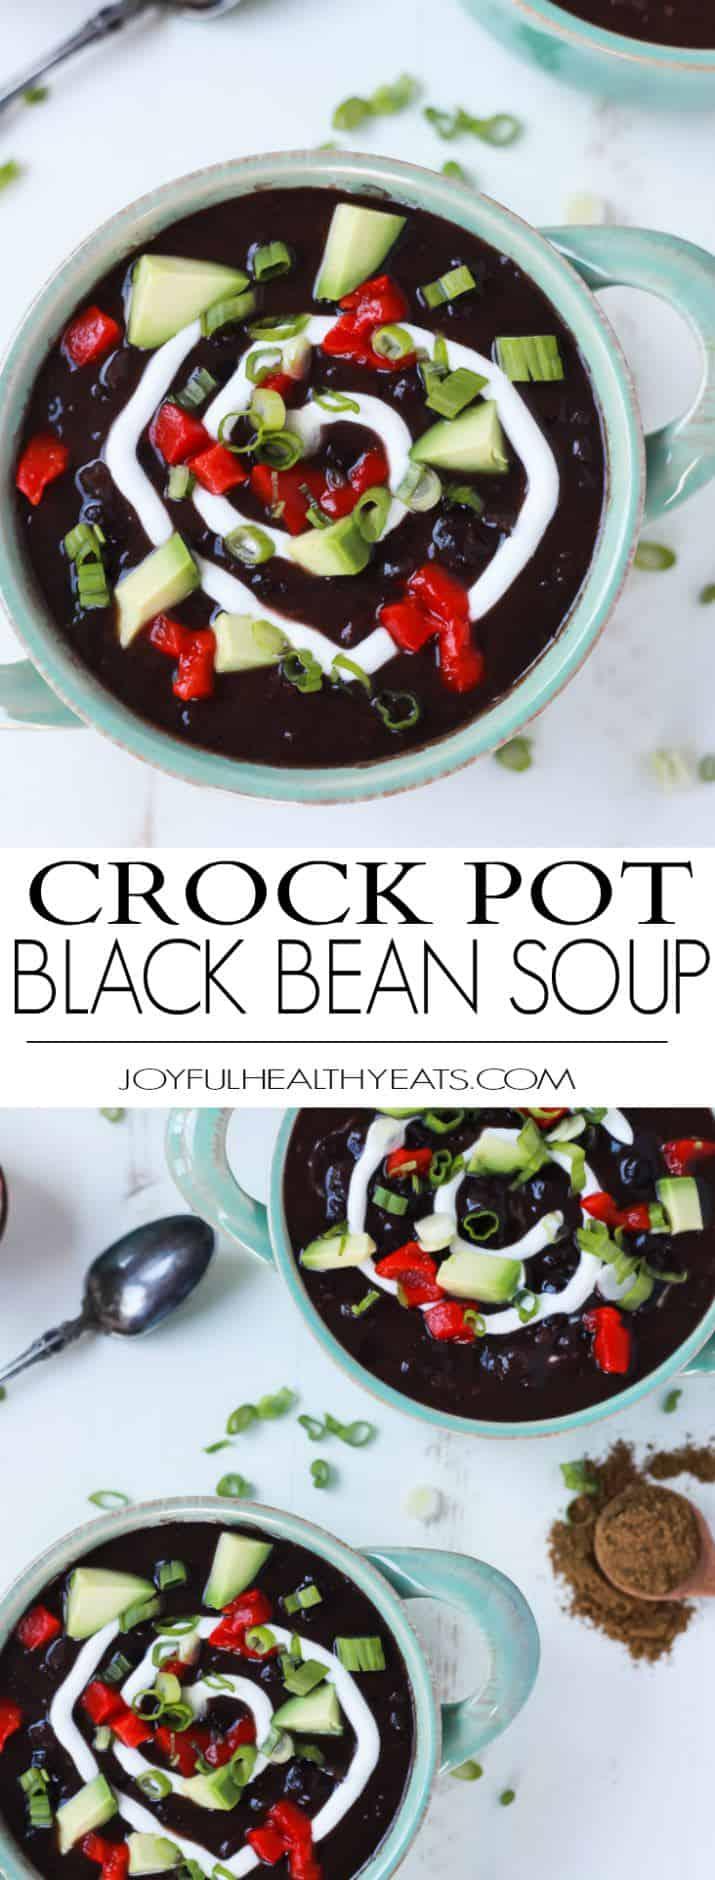 Pinterest collage for Crock Pot Black Bean Soup recipe